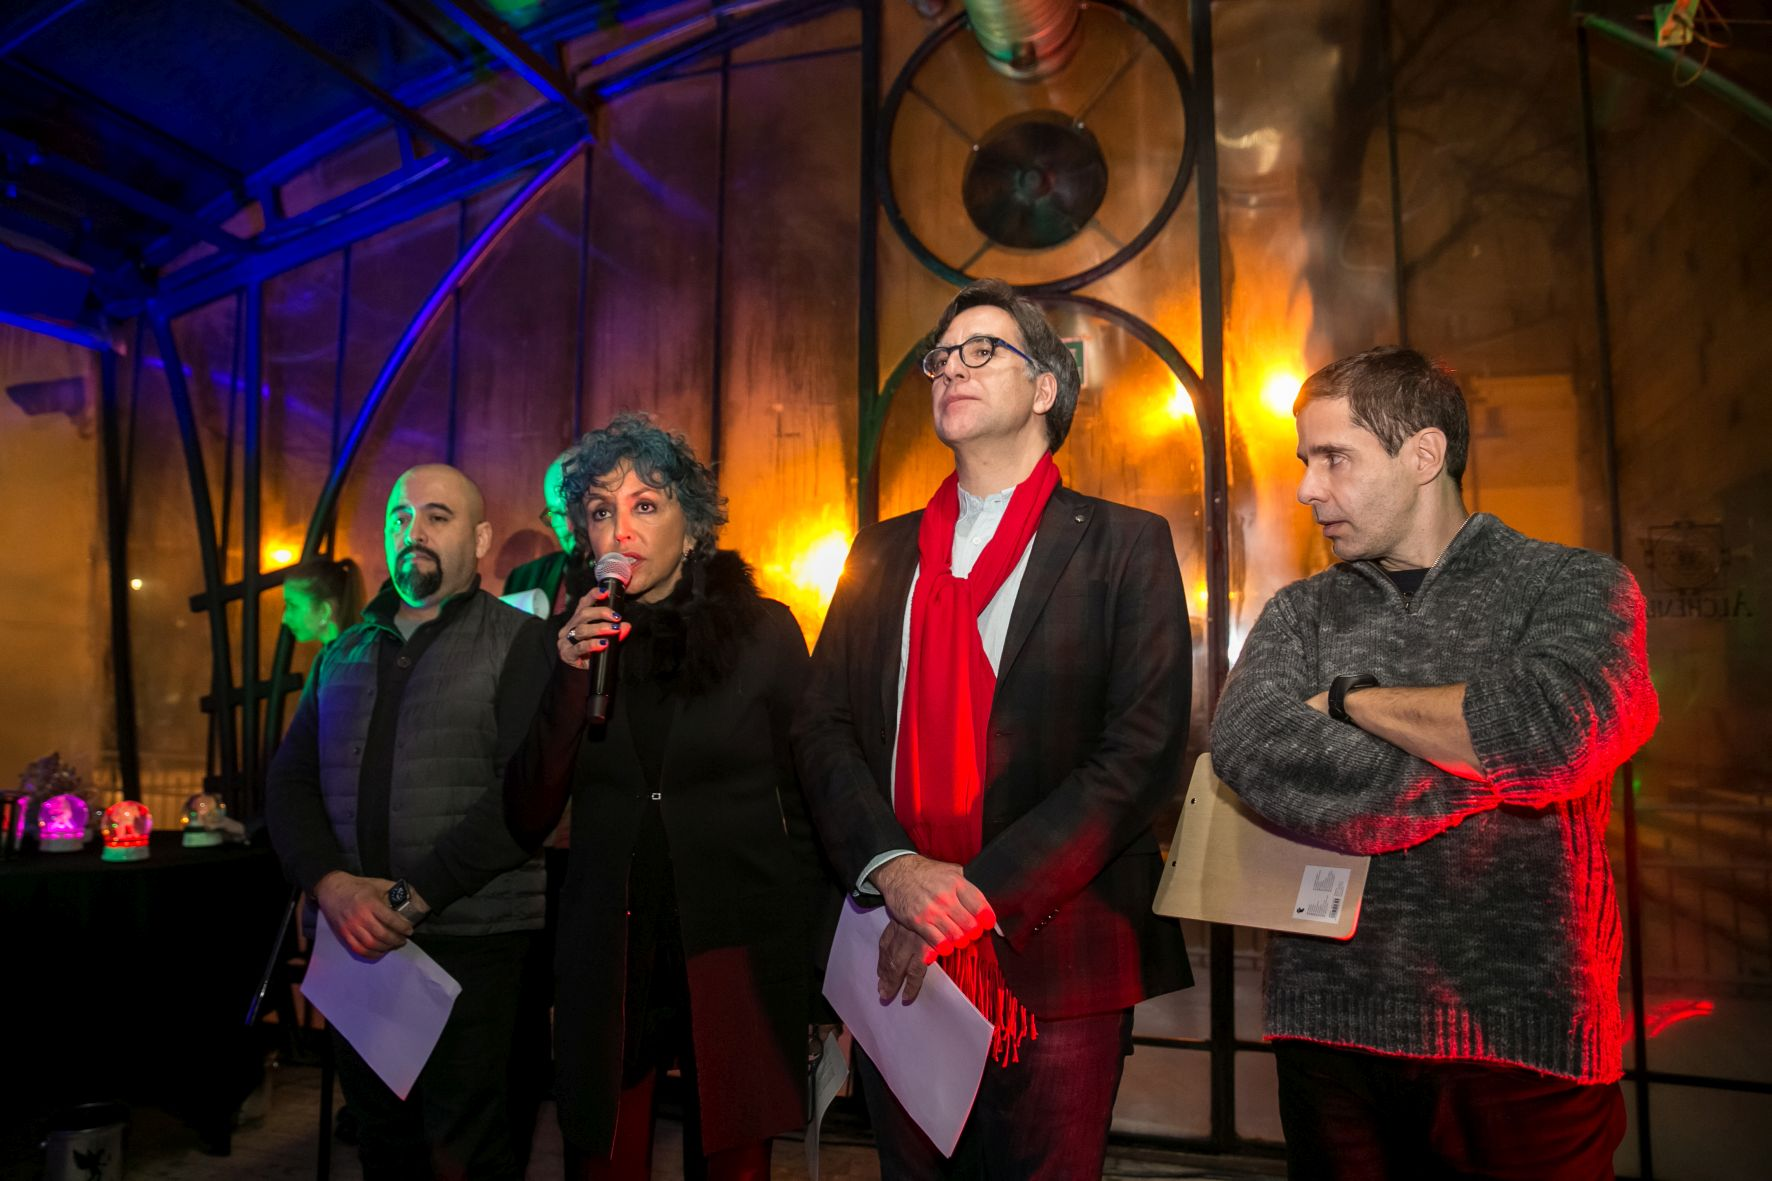 Jury ogłaszające wyniki 11. edycji festiwalu (źródło: materiały prasowe organizatora)